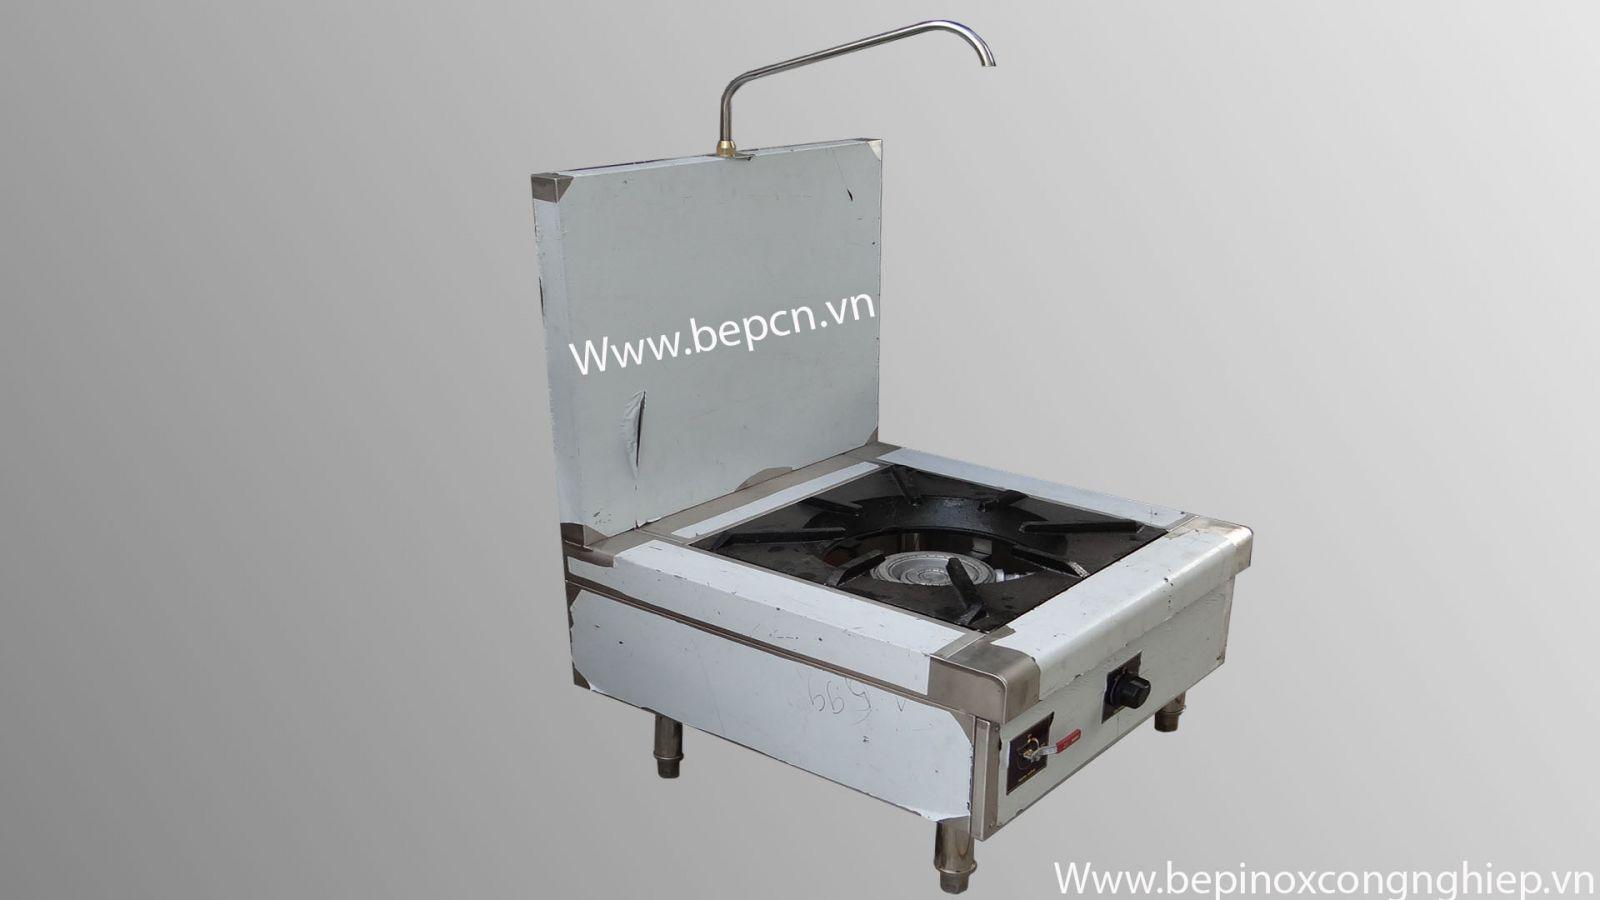 Bếp hầm đơn có thành Model SCBH1 - 5A700